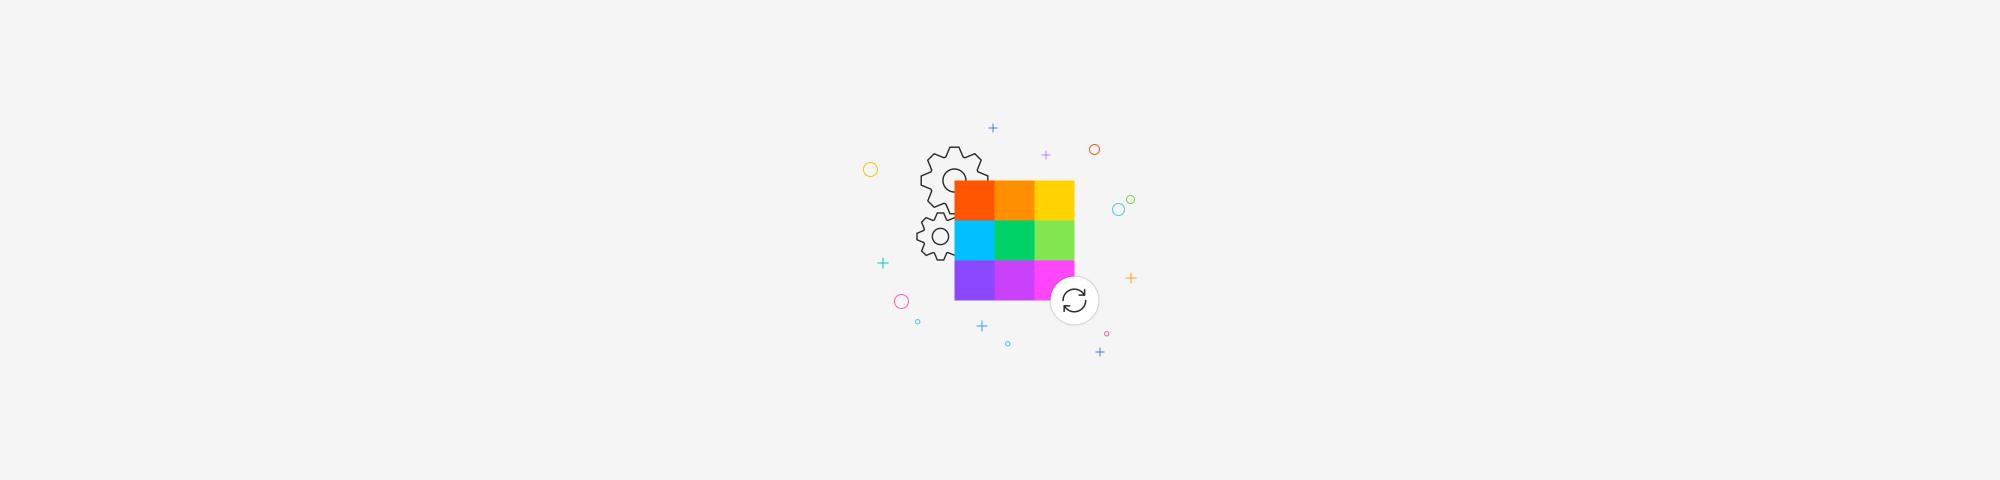 convertir-jpg-a-pdf